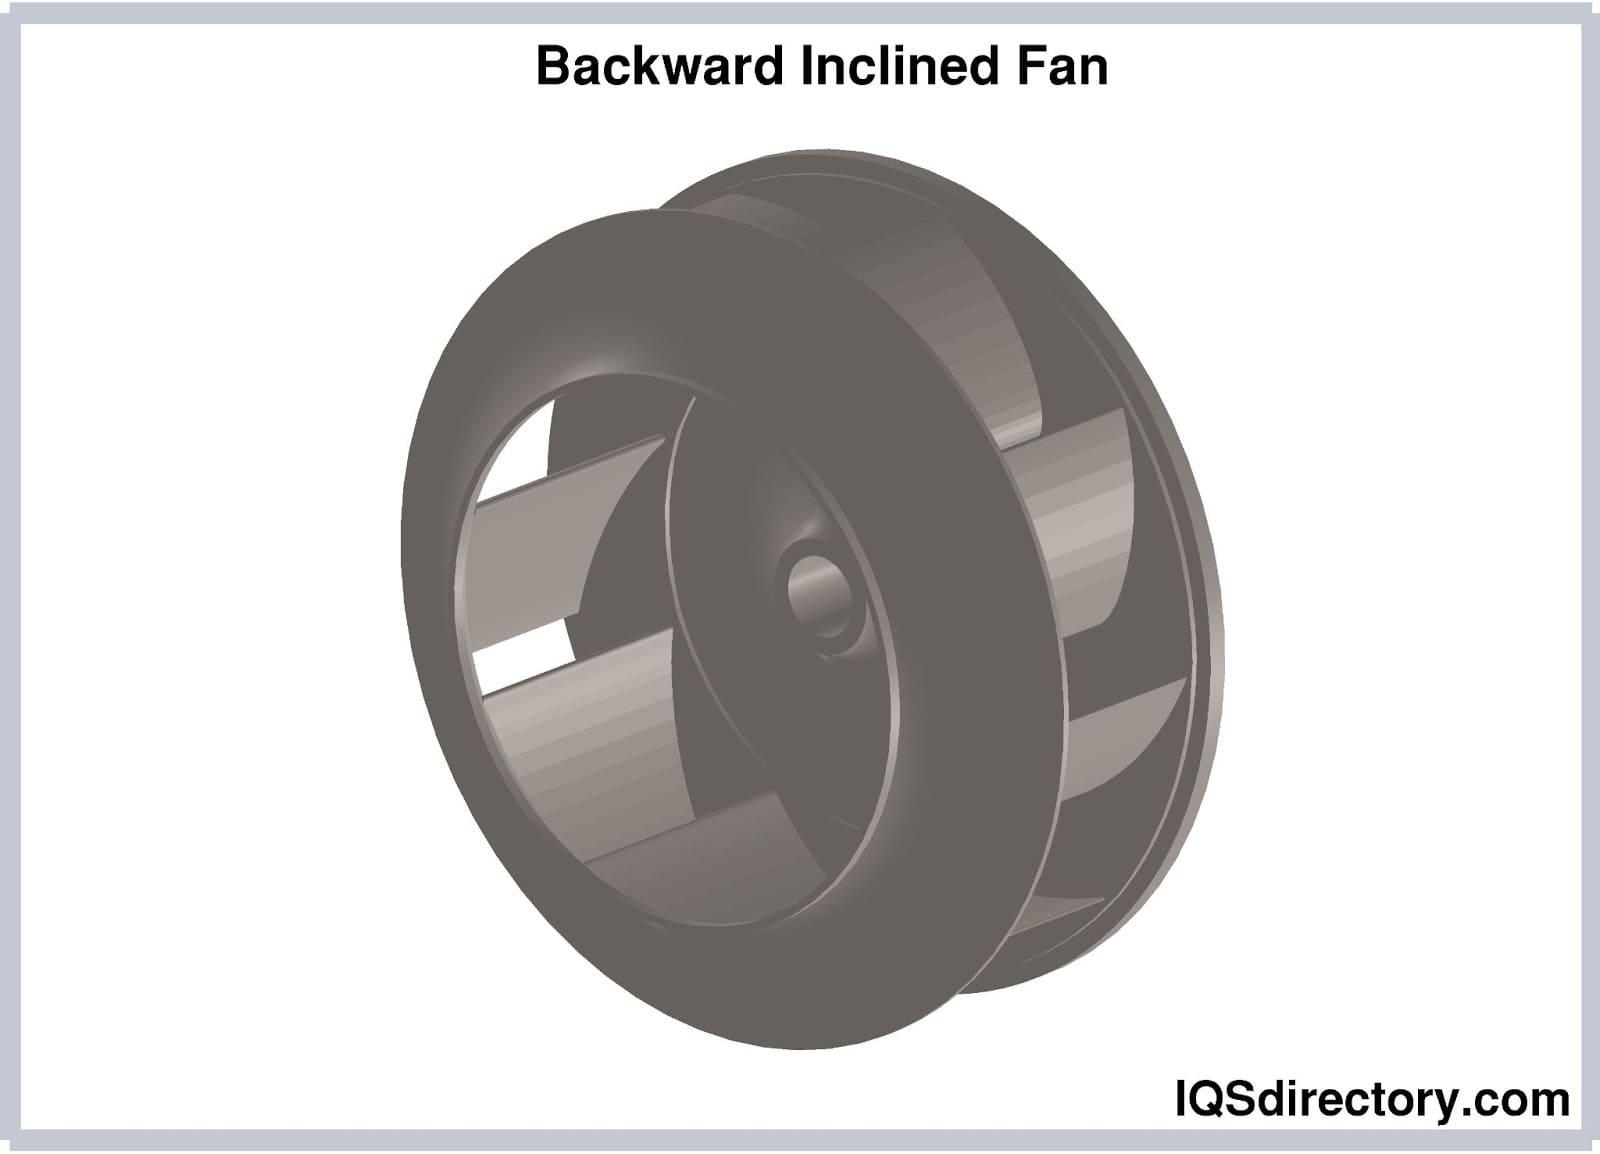 Backward Inclined Fan